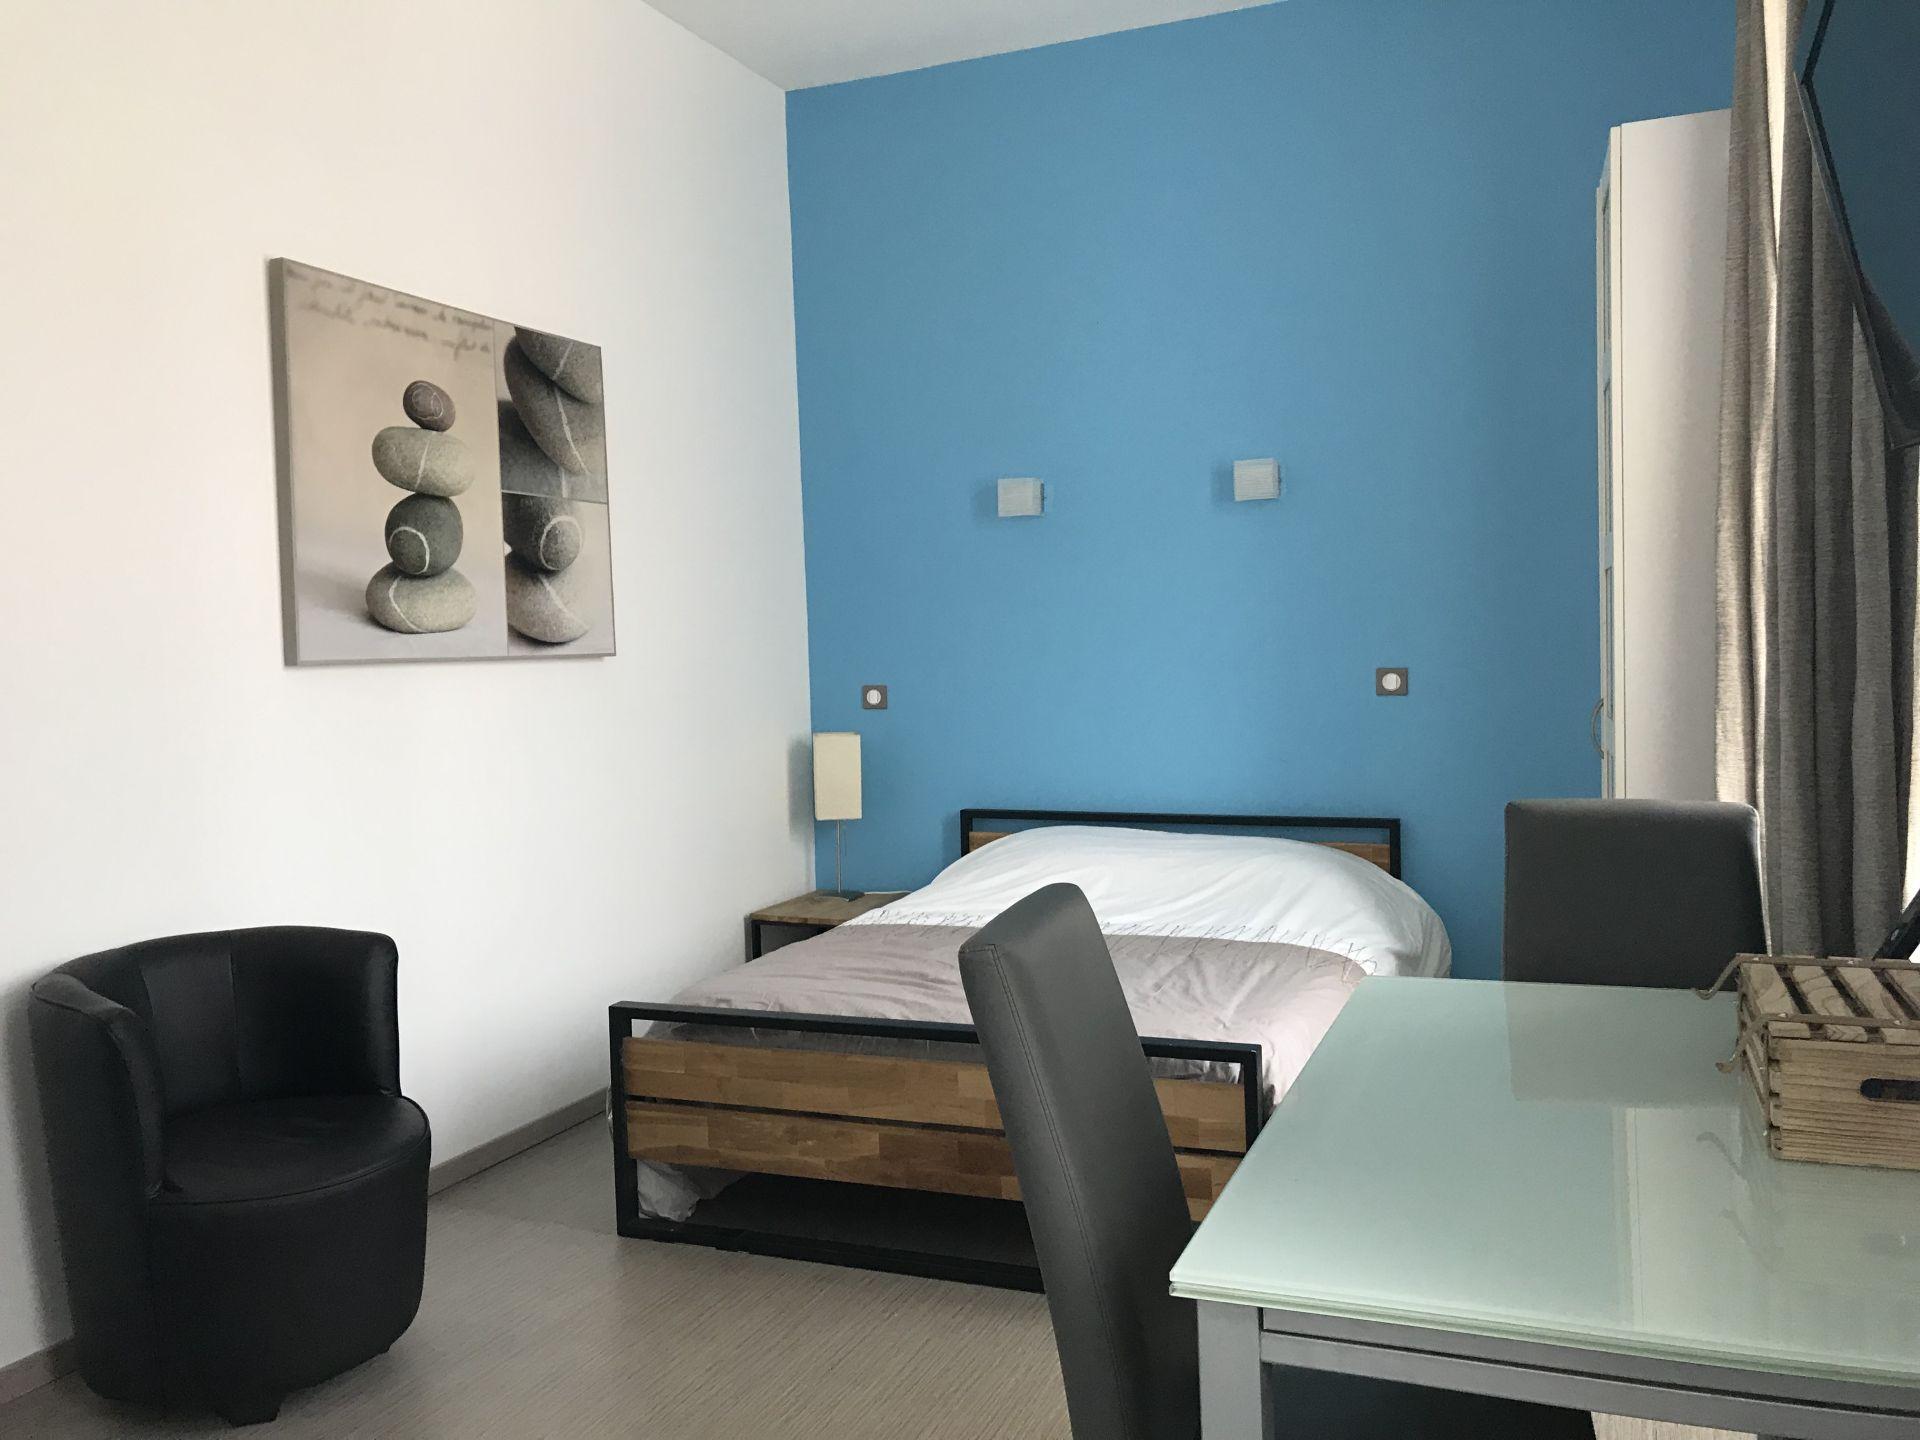 Meuble Four Plaque Induction meuble beddelem sebastien - studio n° 1 - lorraine tourisme